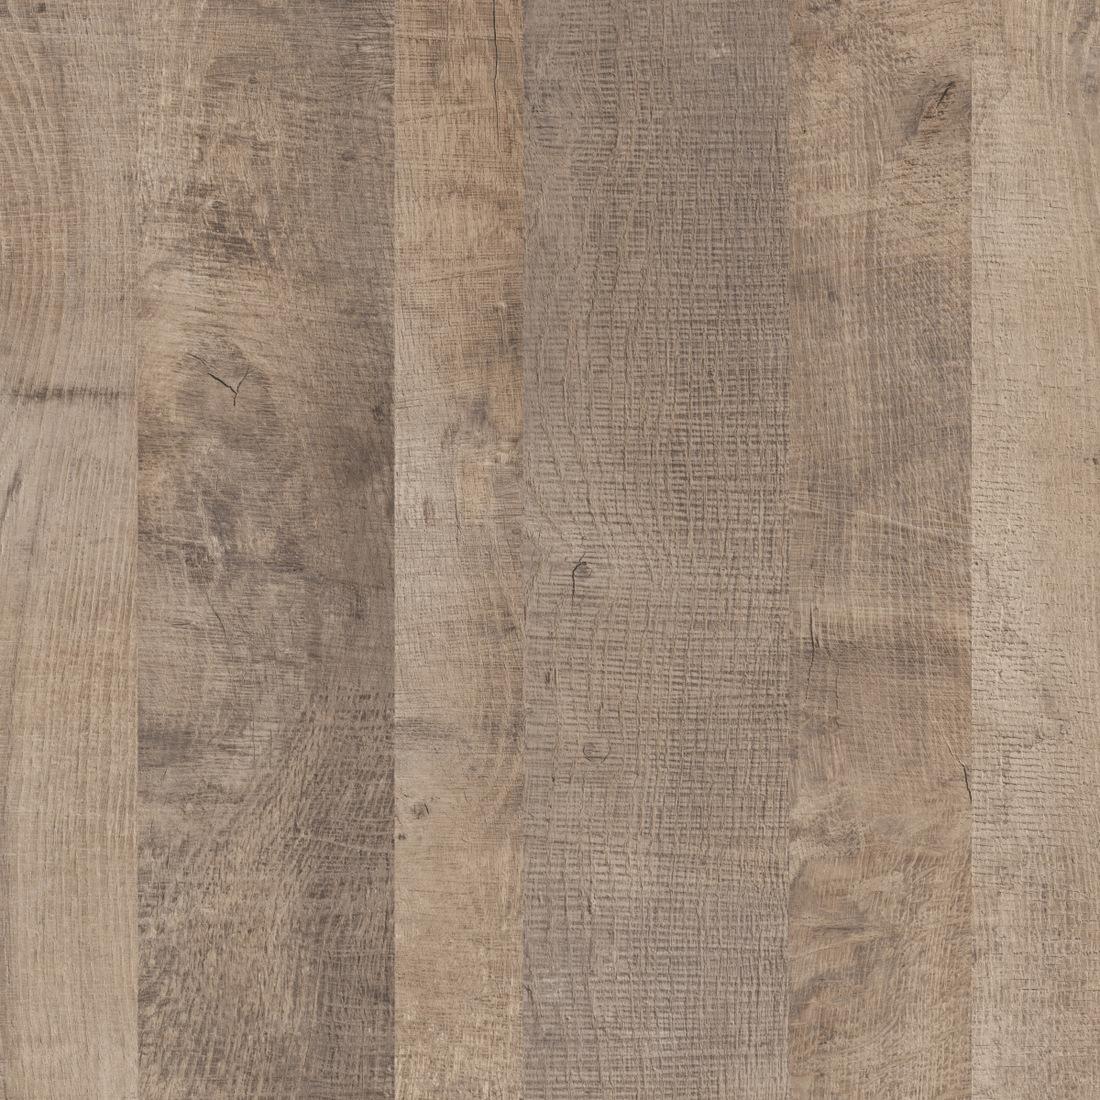 Pal melaminat Kronospan, Stejar nisip K356 PW, 2800 x 2070 x 18 mm imagine MatHaus.ro